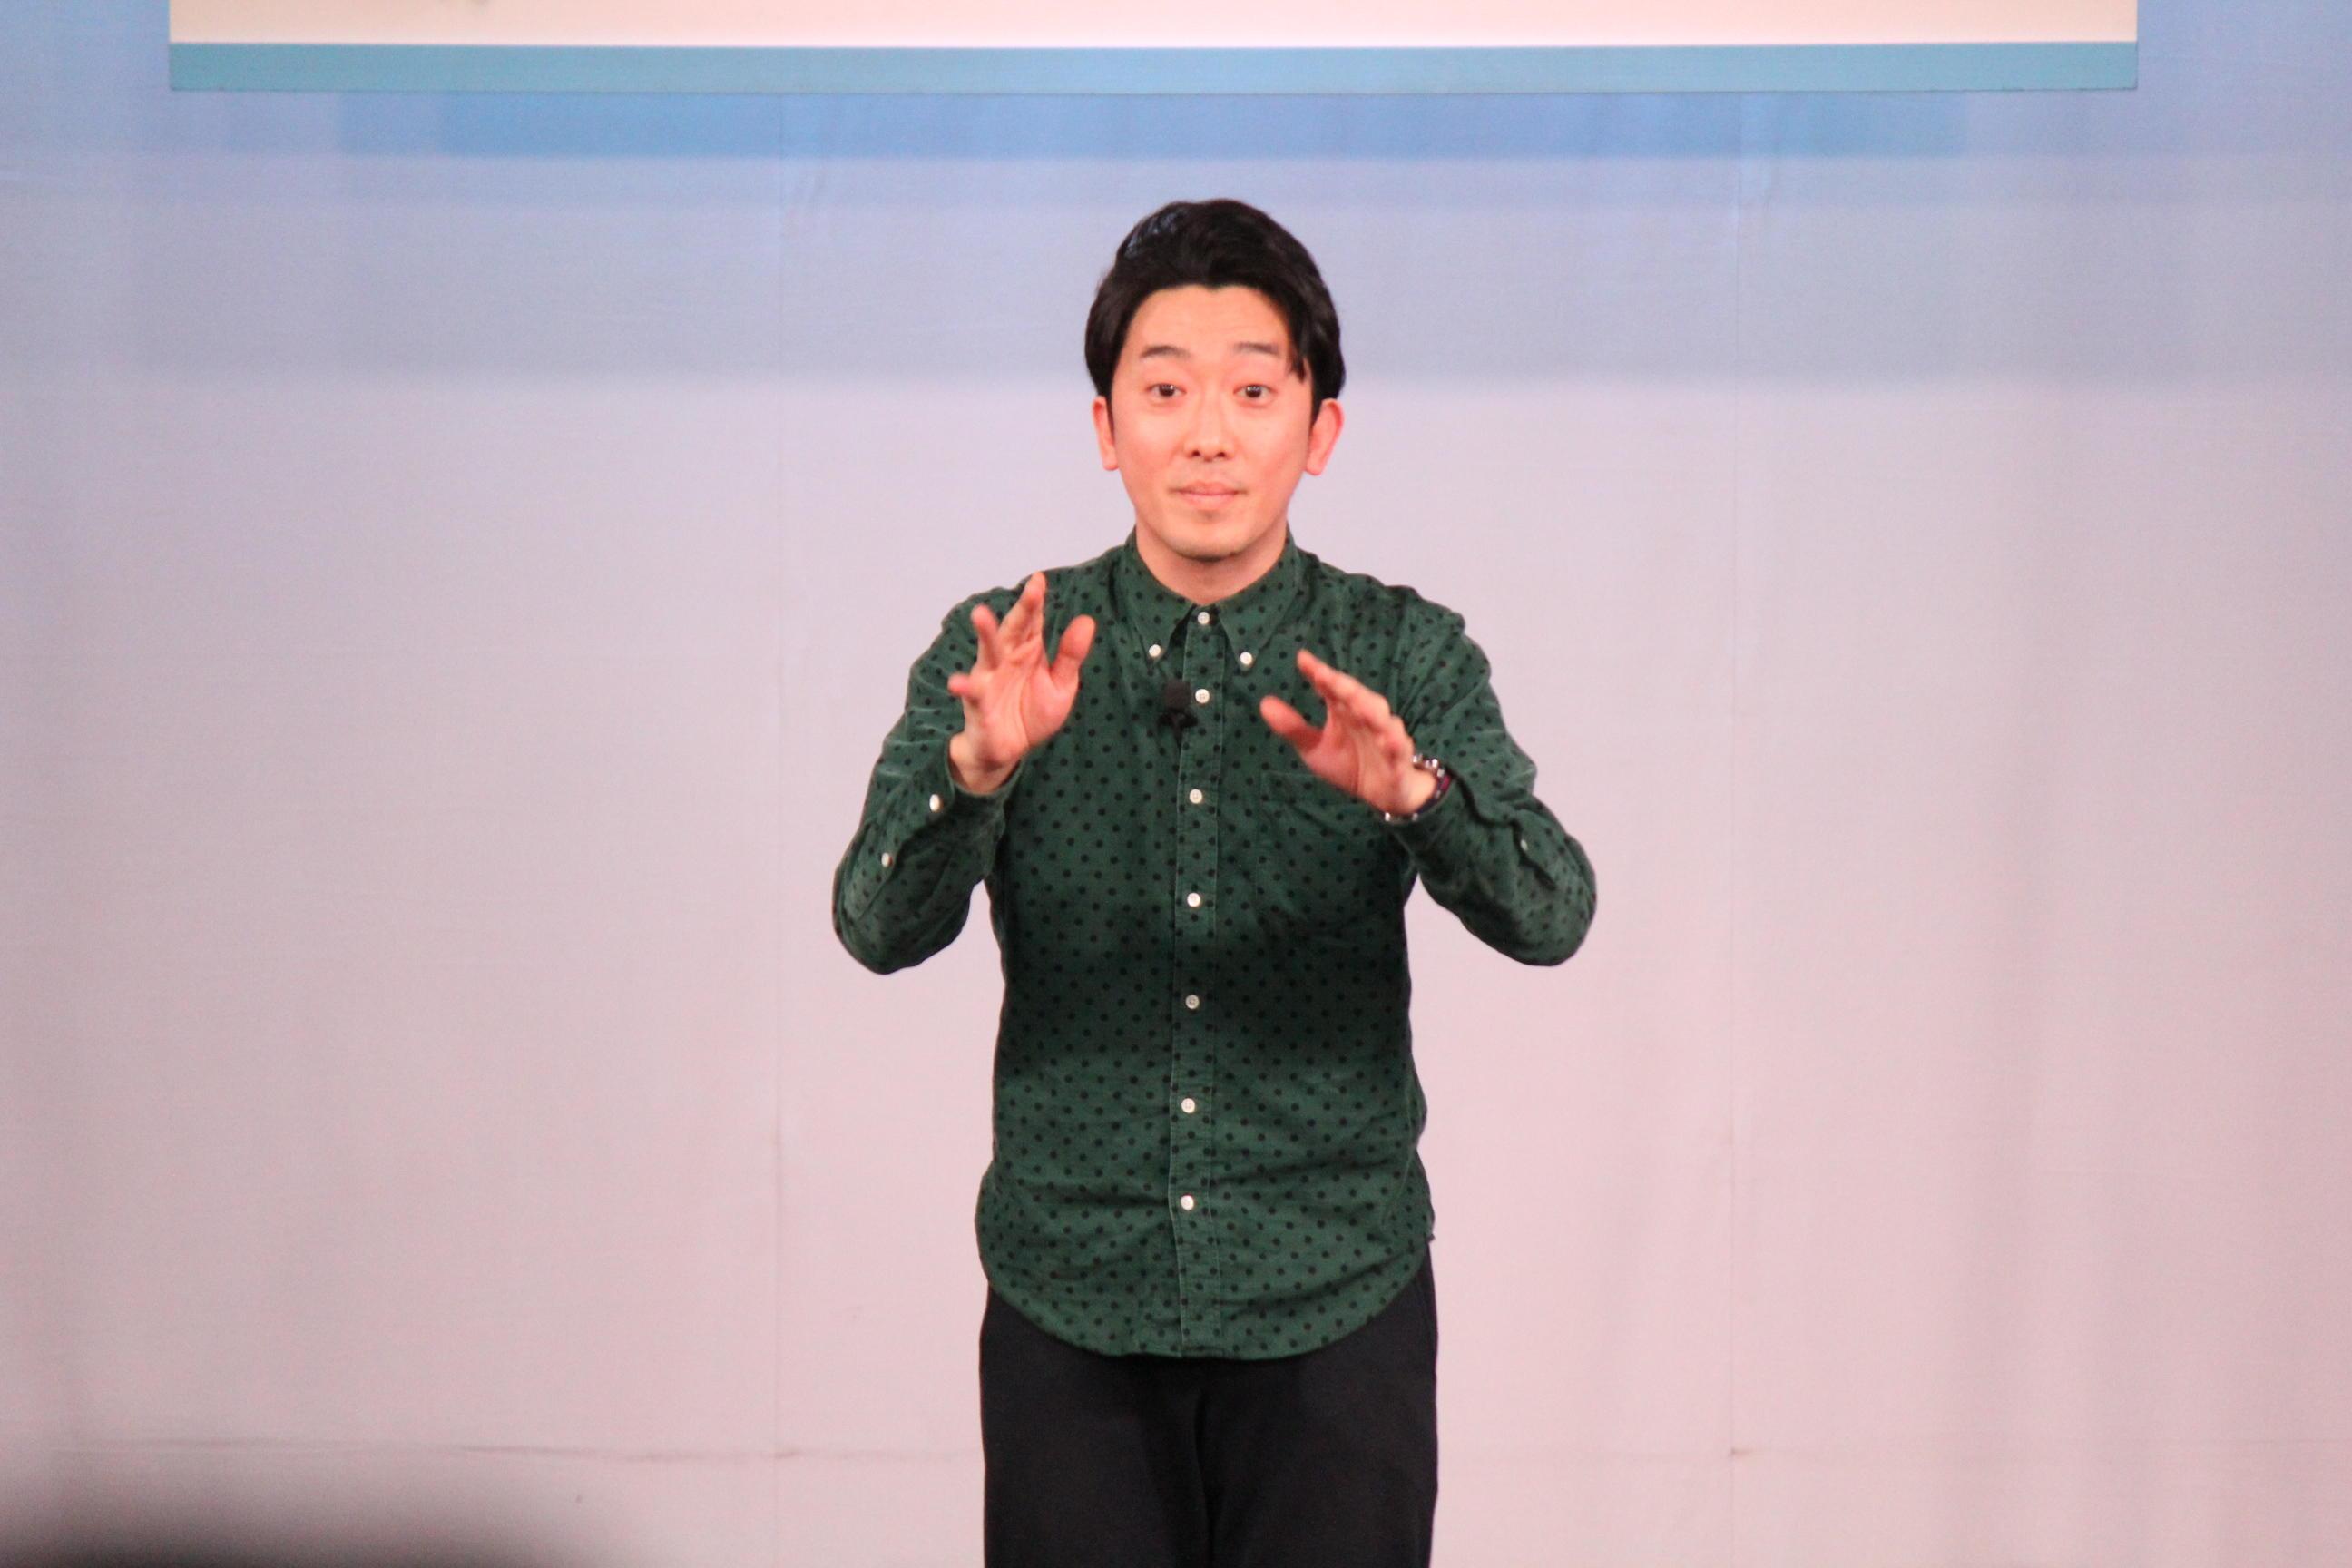 http://news.yoshimoto.co.jp/20151231205931-1c8d7754f8d0a7e1e1ee3499c760440613d2f688.jpg